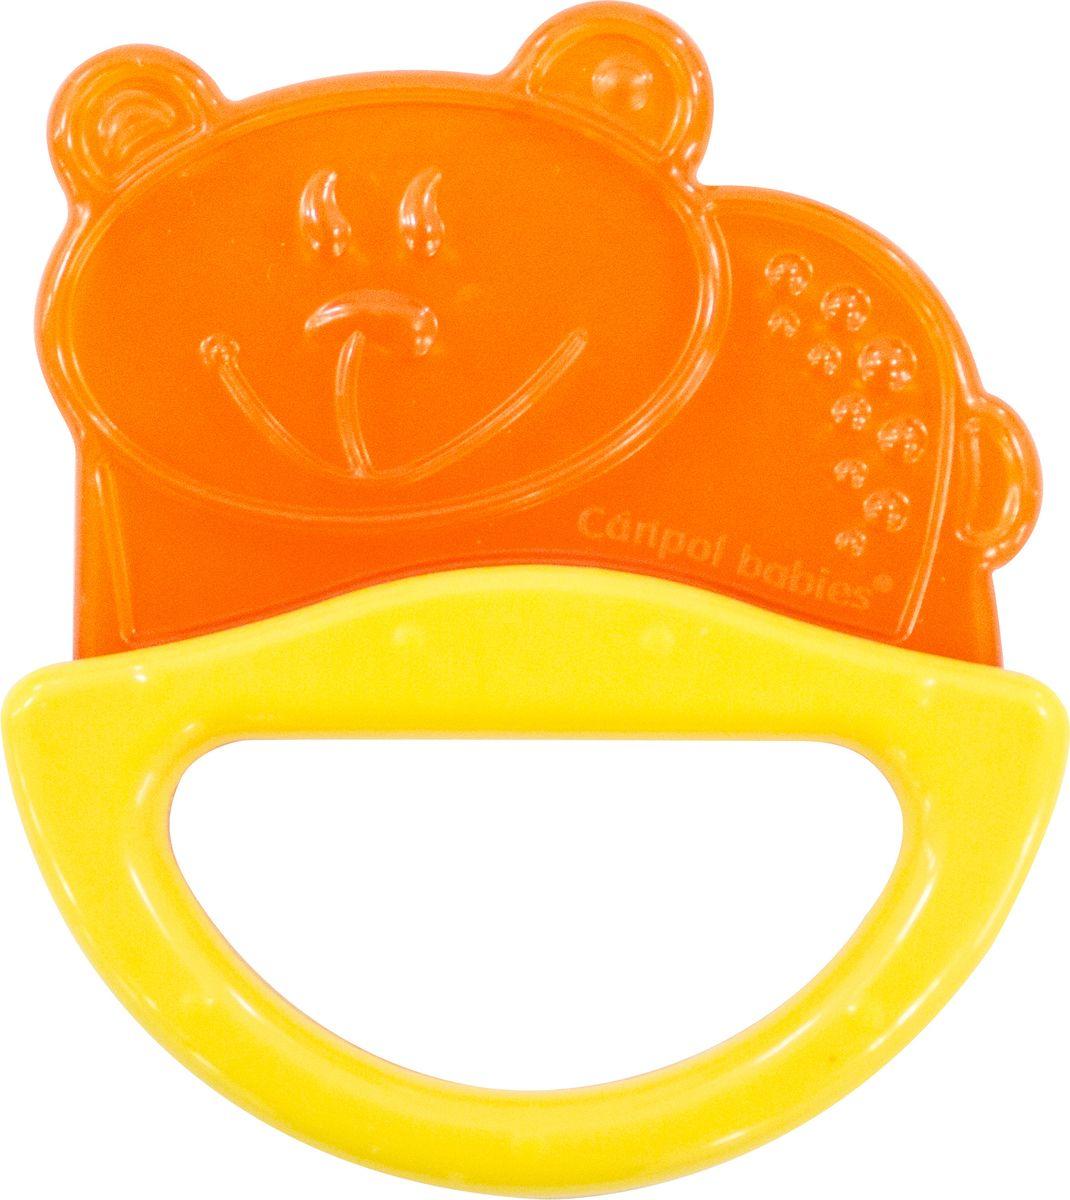 Canpol Babies Погремушка-прорезыватель Мишка цвет желтый canpol babies прорезыватель водный охлаждающий мишка цвет желтый